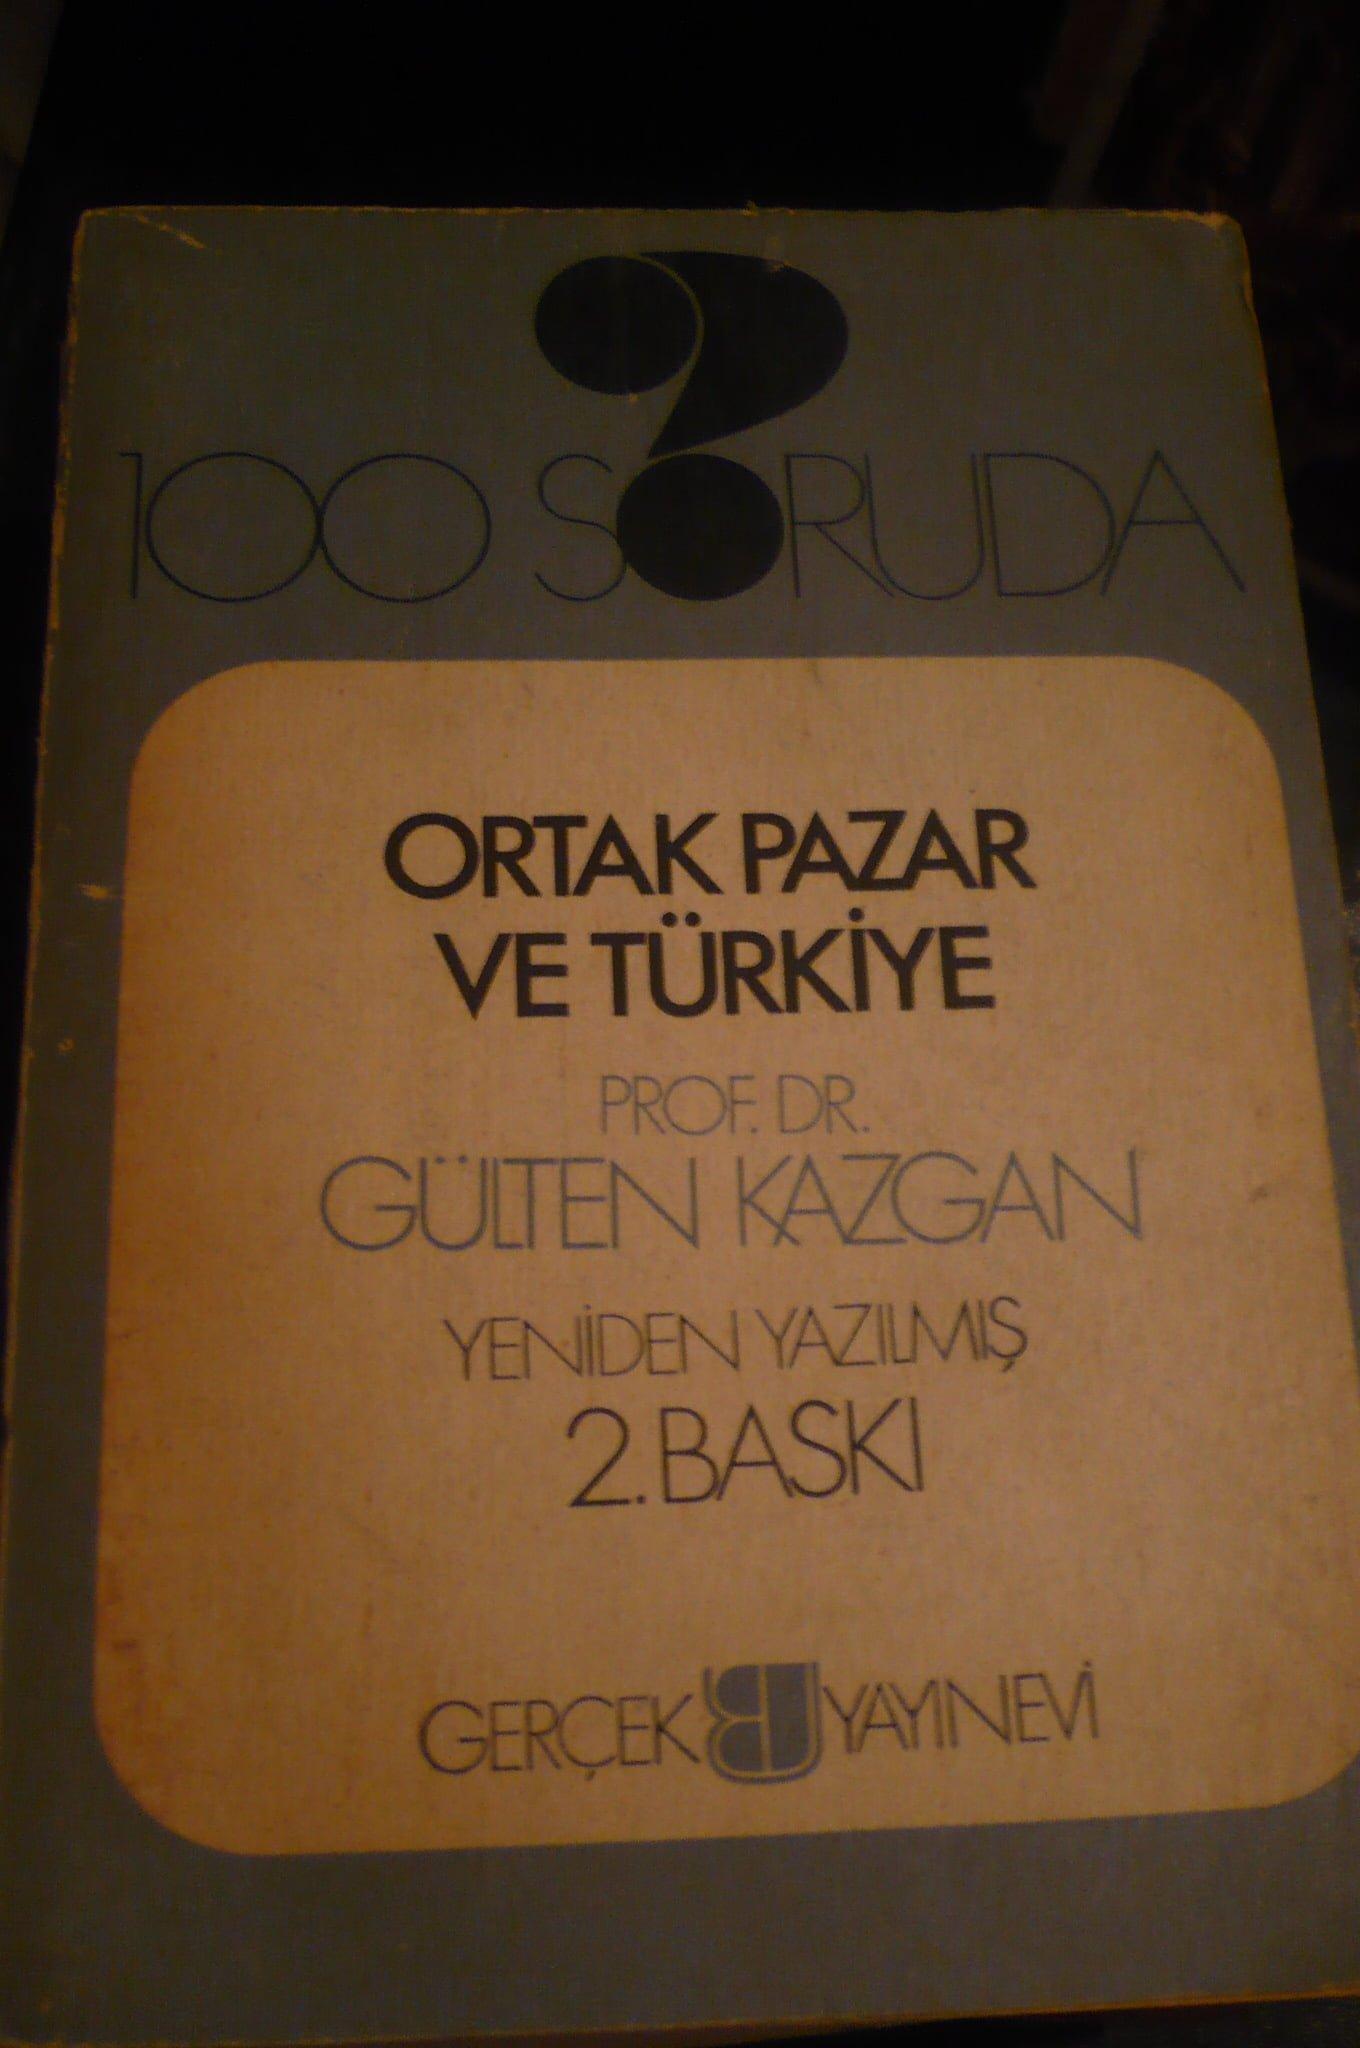 100 SORUDA ORTAK PAZAR VE TÜRKİYE/Gülten KAZGAN/15 TL